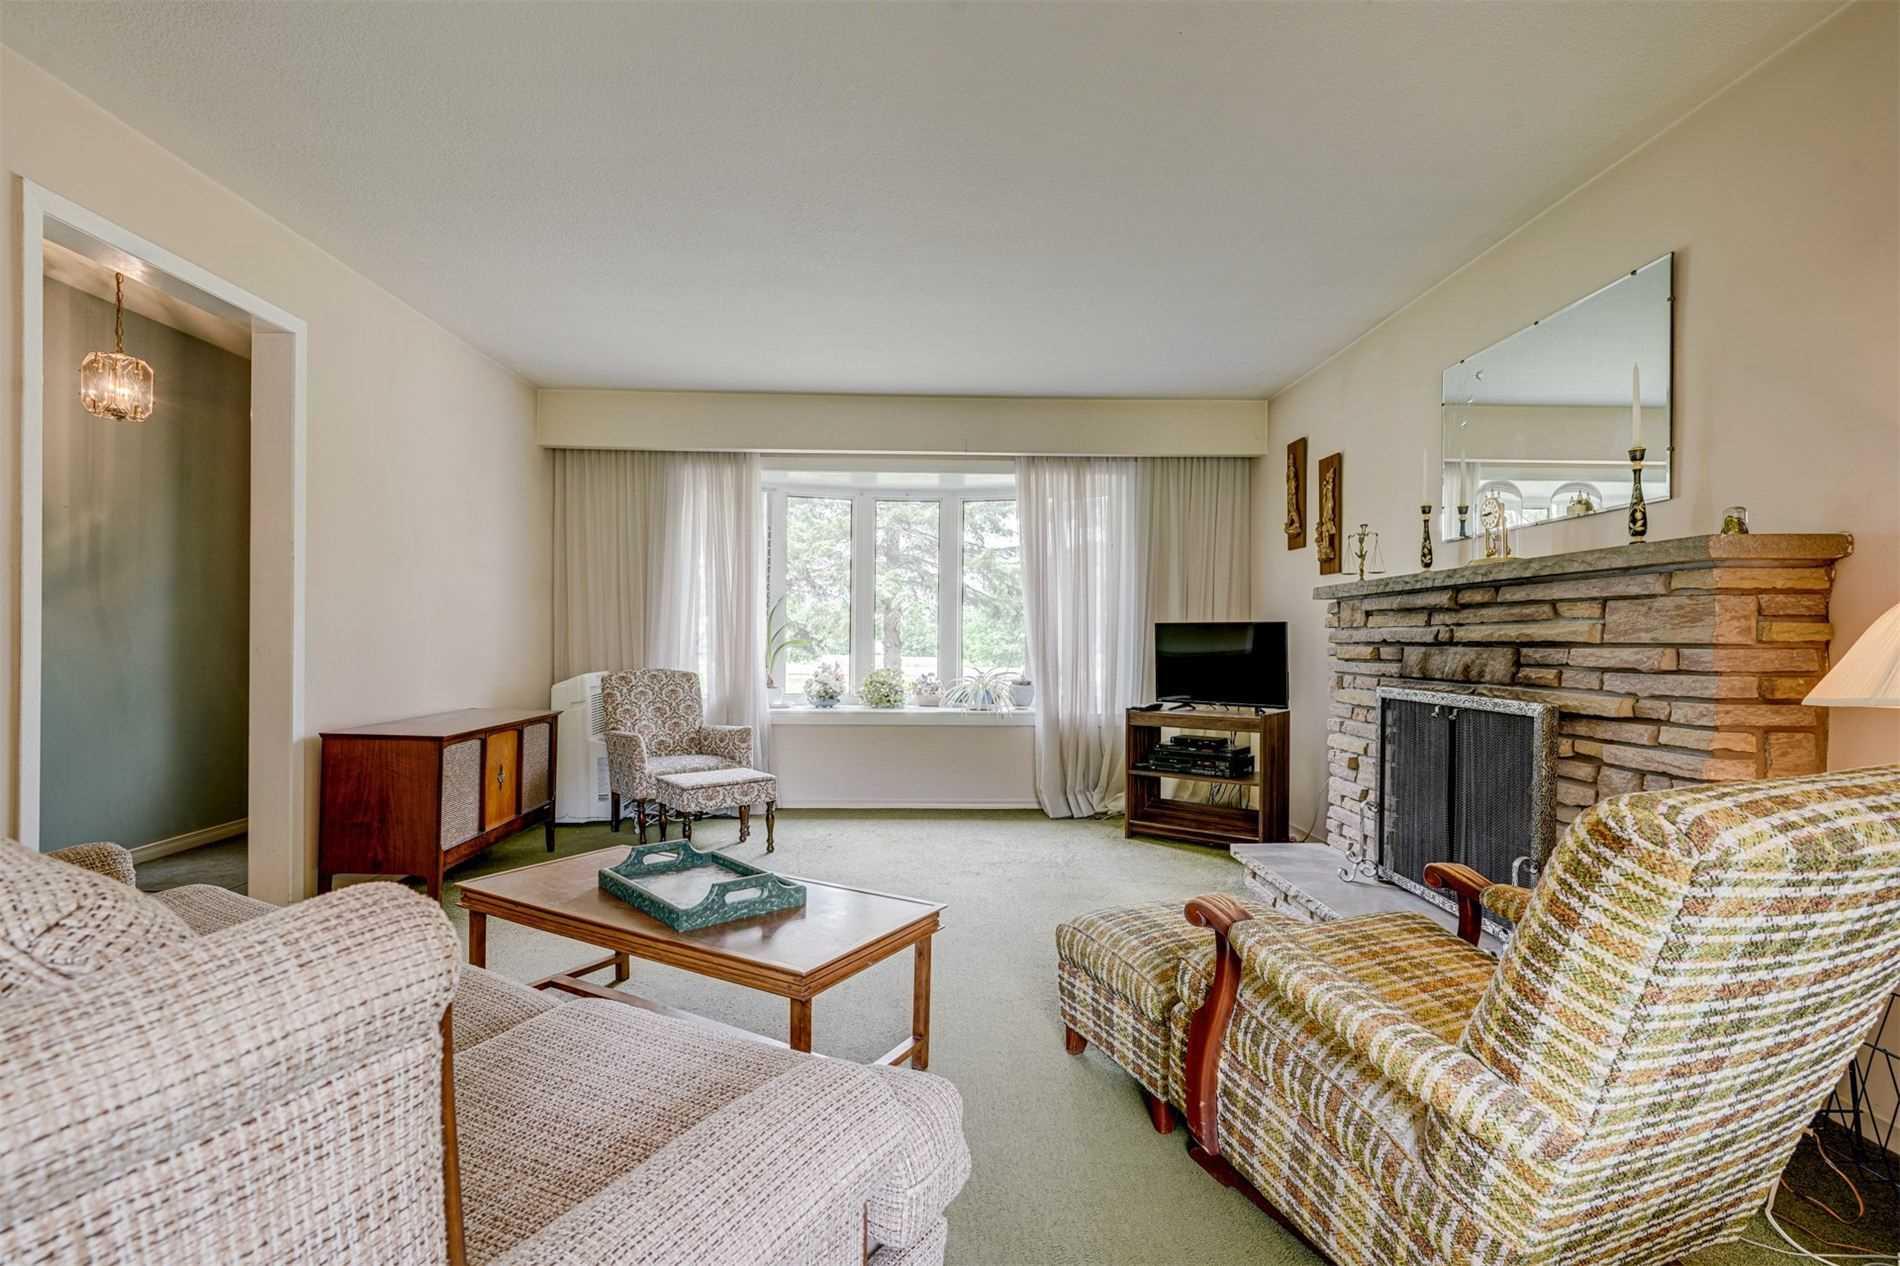 4189 Brock Rd - Uxbridge Detached for sale, 3 Bedrooms (N5311768) - #12